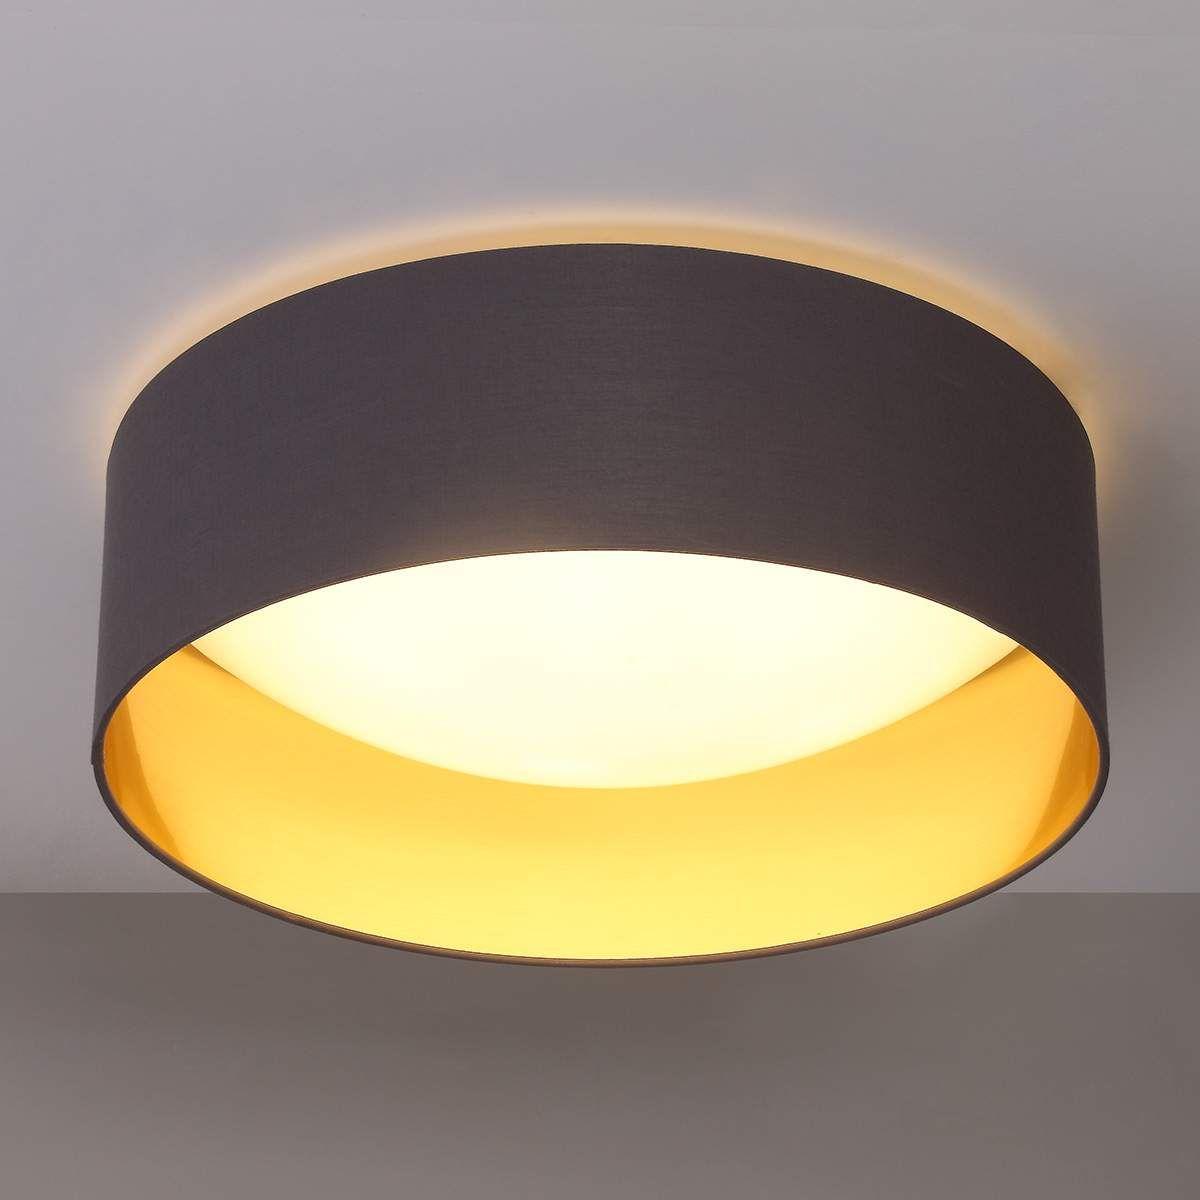 Buromobel Led Deckenlampe Coleen Lampenwelt Innen Gold Schlafzimmer Led Deckenleuchte Buro Schreibwaren Djmall Co Il